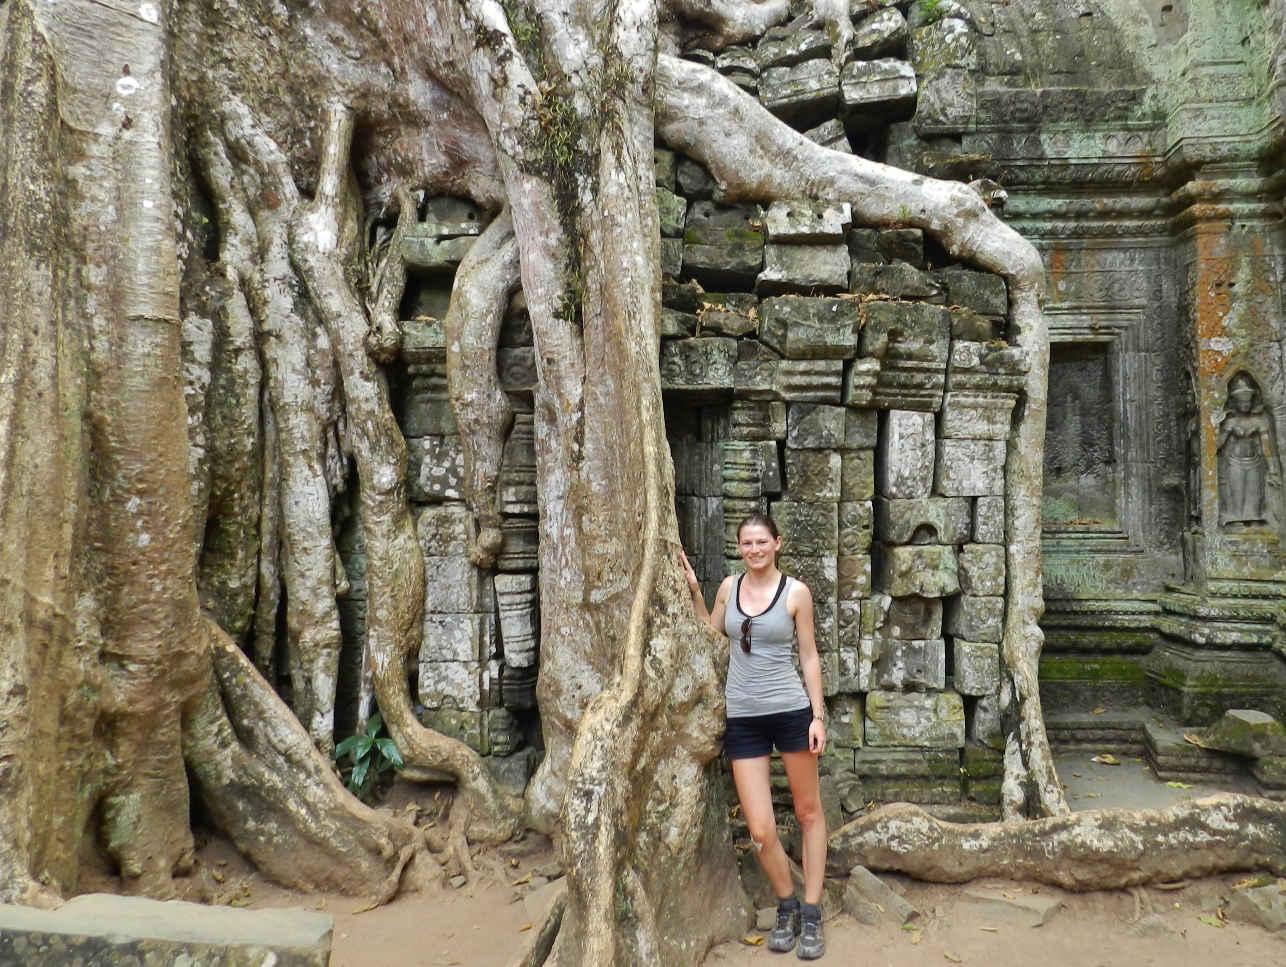 Micha at Prasat Ta Phrom